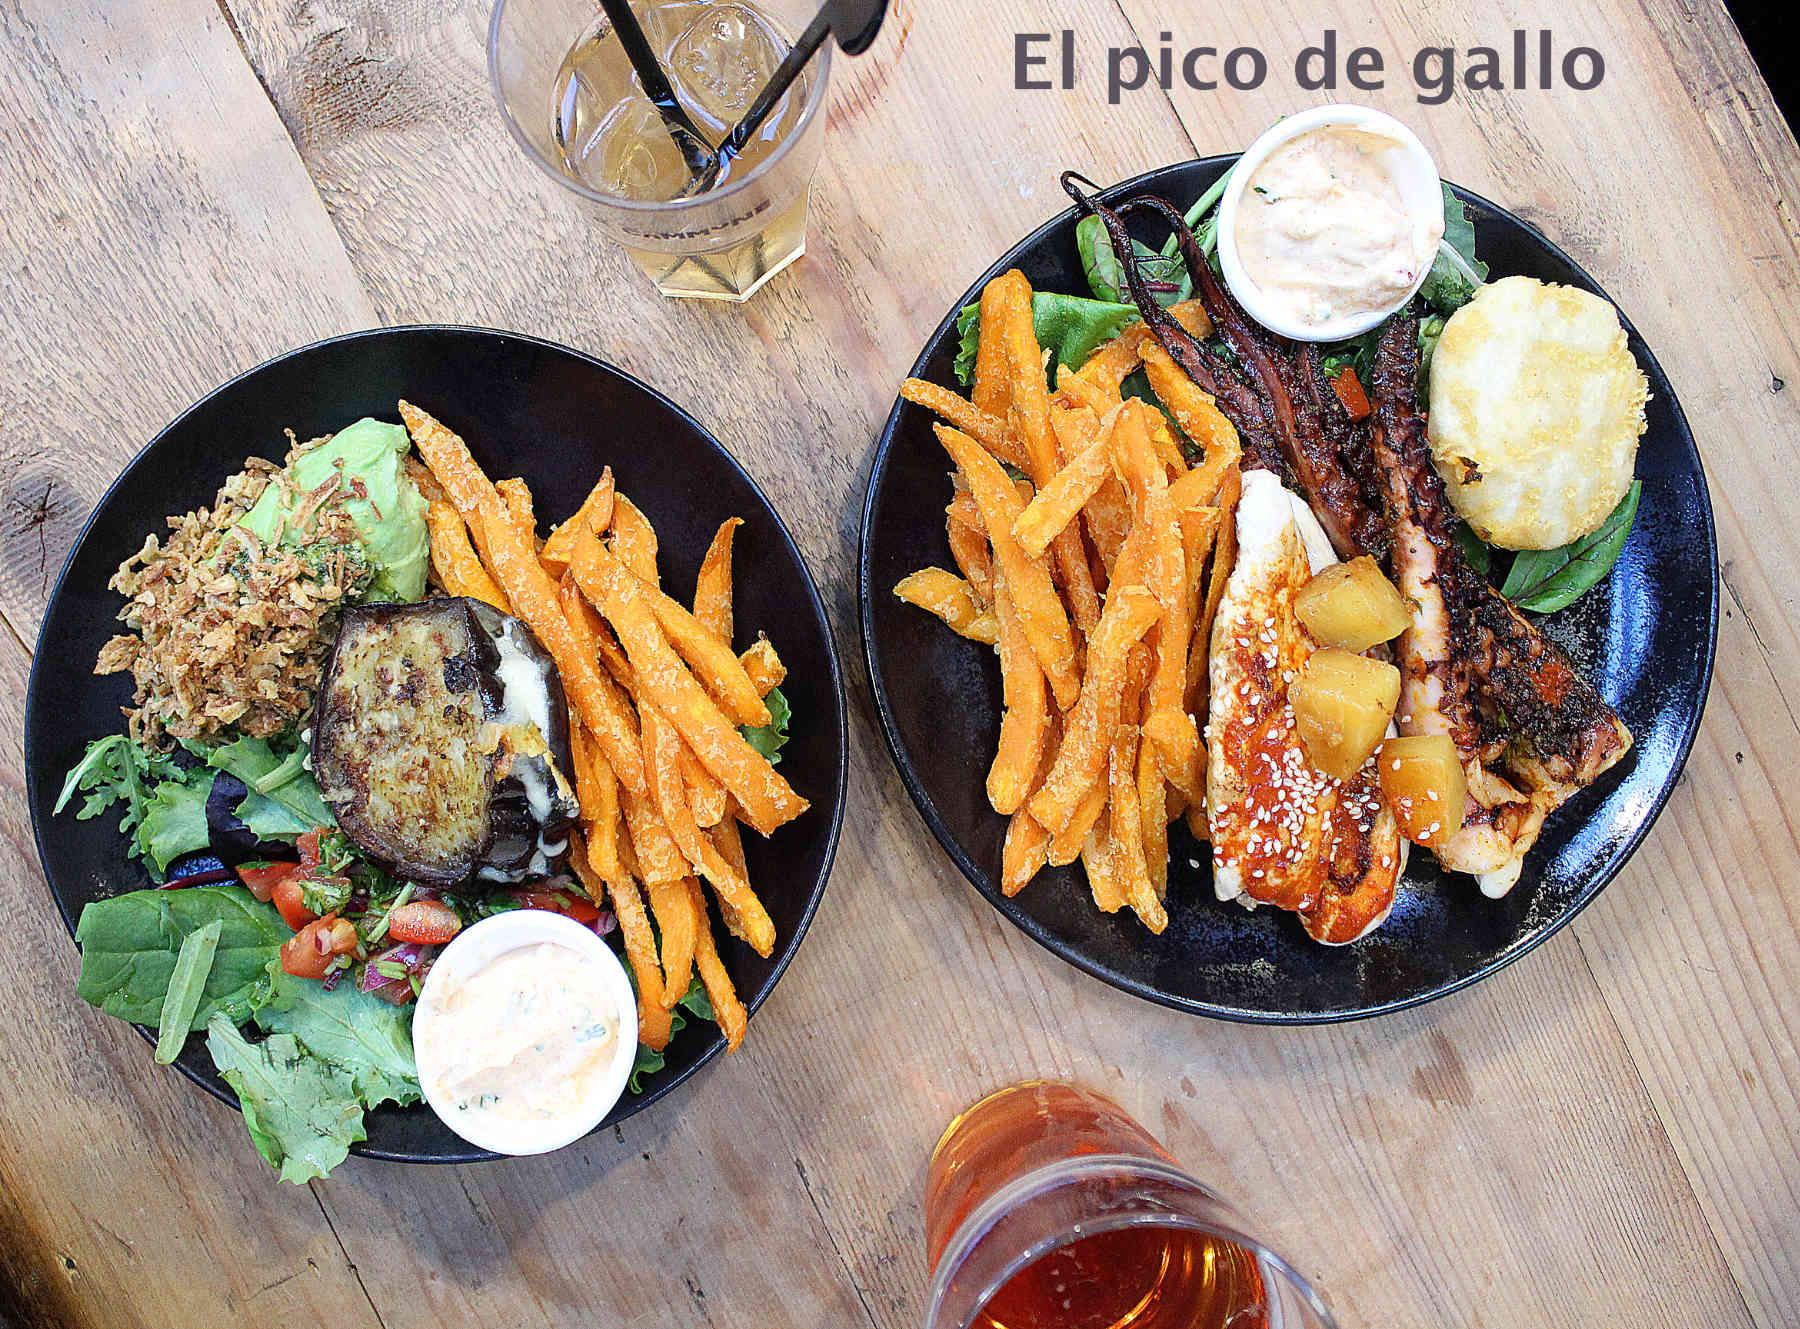 El pico de gallo, l'Amérique latine dans l'assiette à Lyon 7